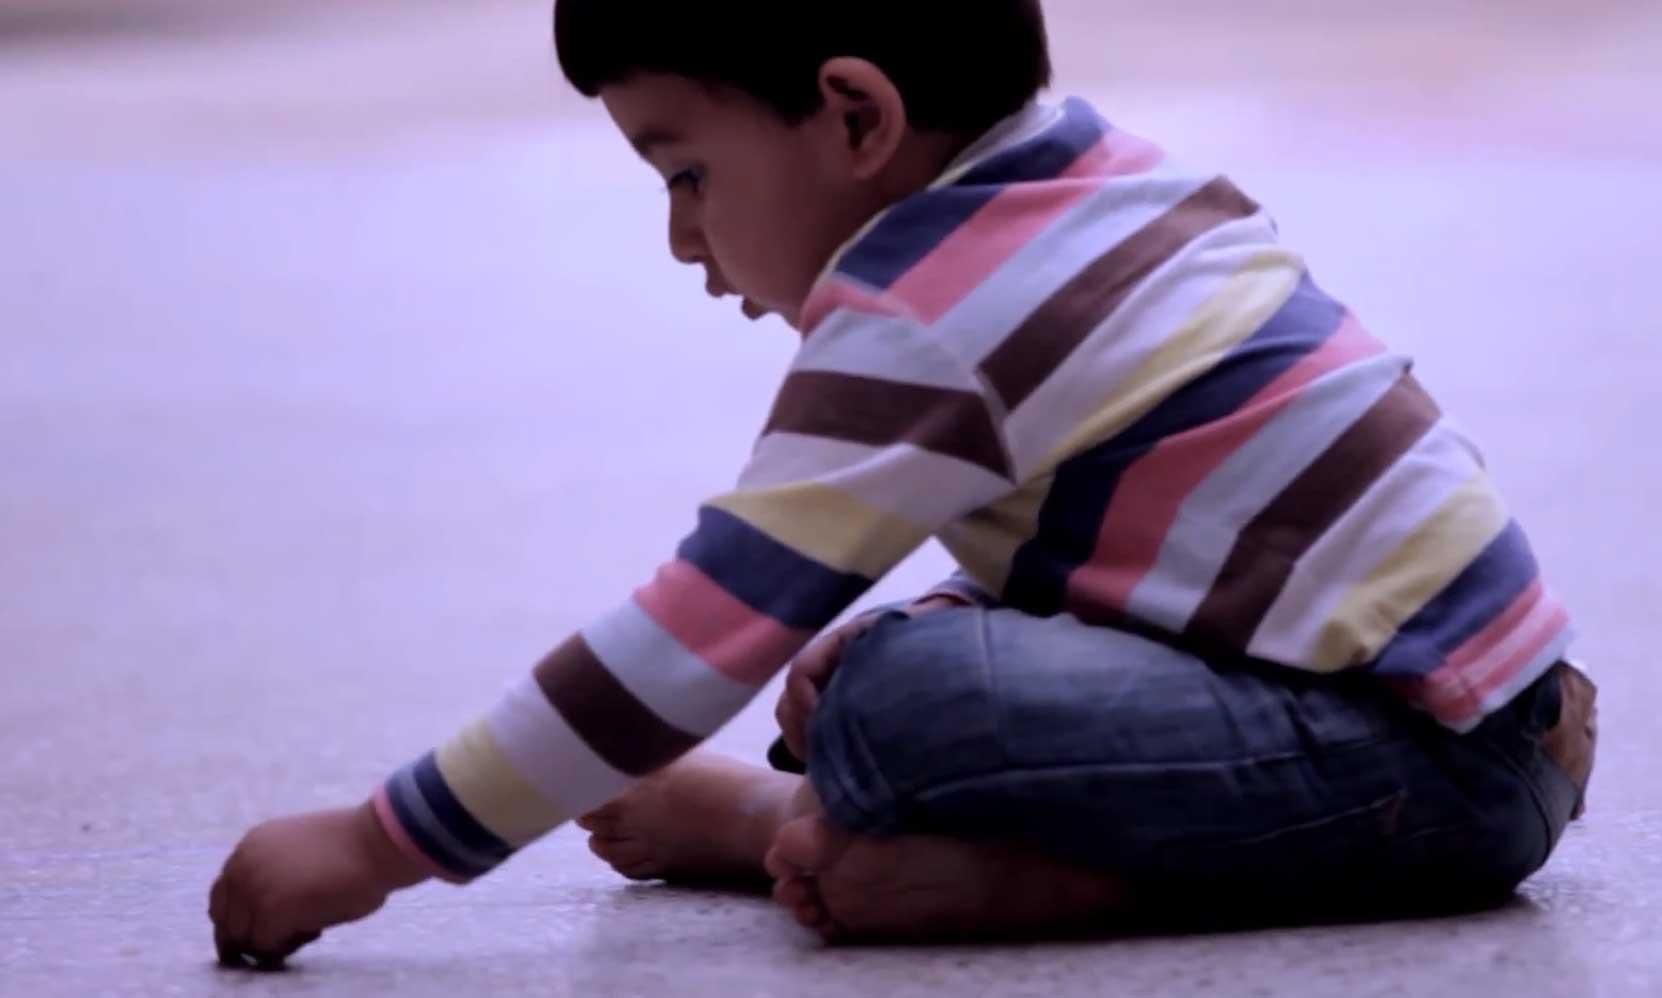 Este corto sobre la adopción de niños sin hogar ha conseguido emocionarme